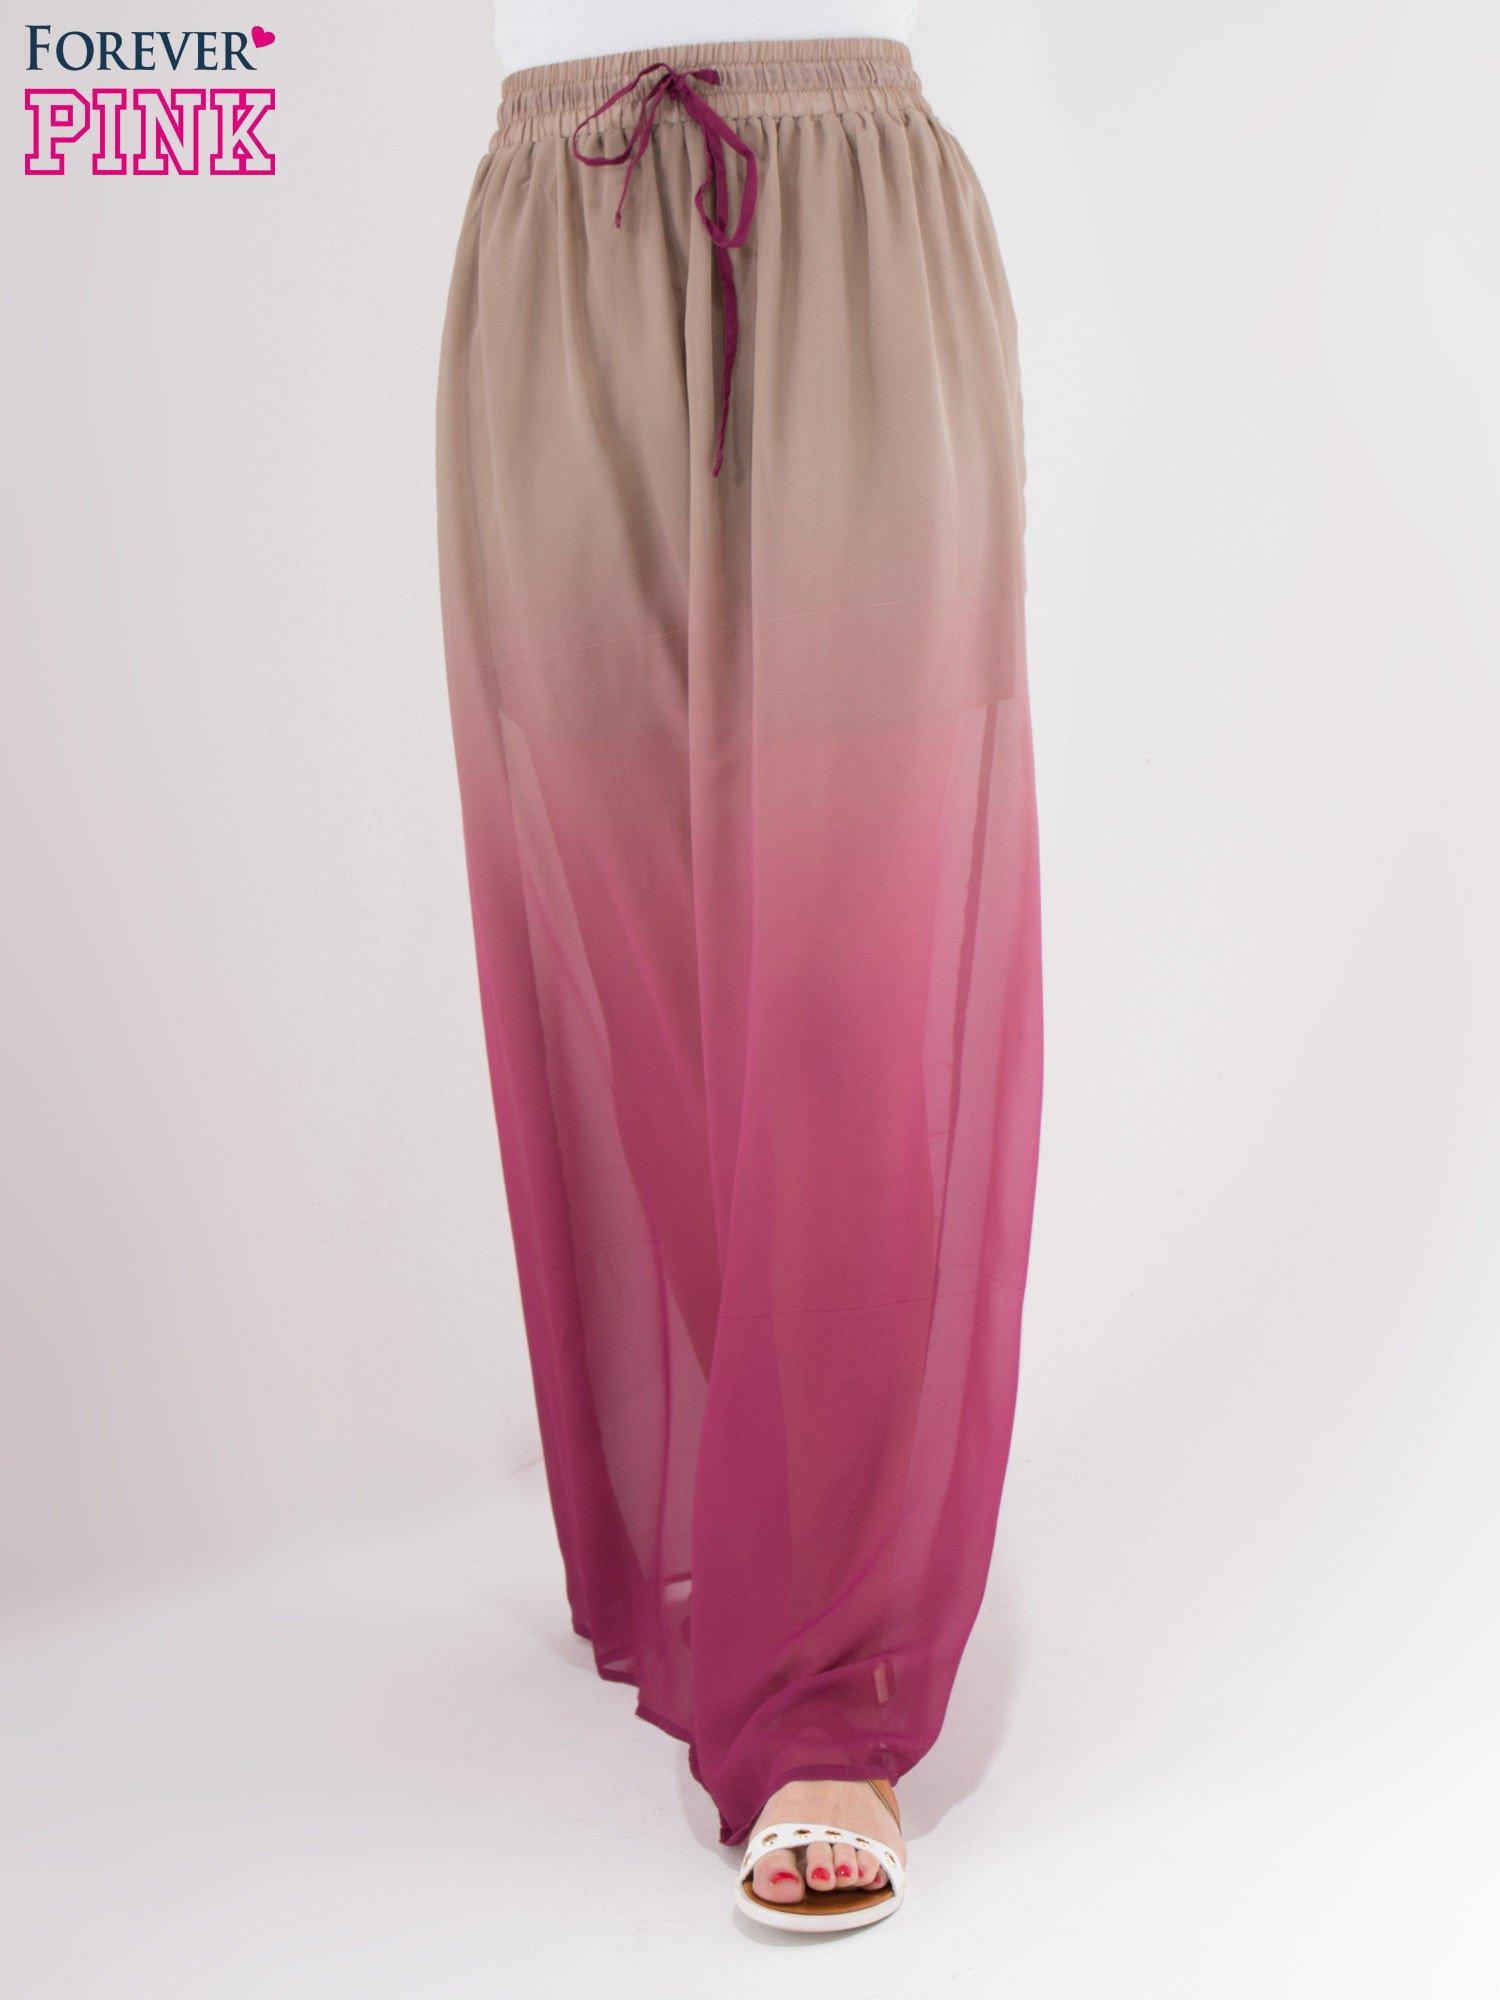 Jasnobrązowa długa spódnica maxi z efektem ombre                                  zdj.                                  1